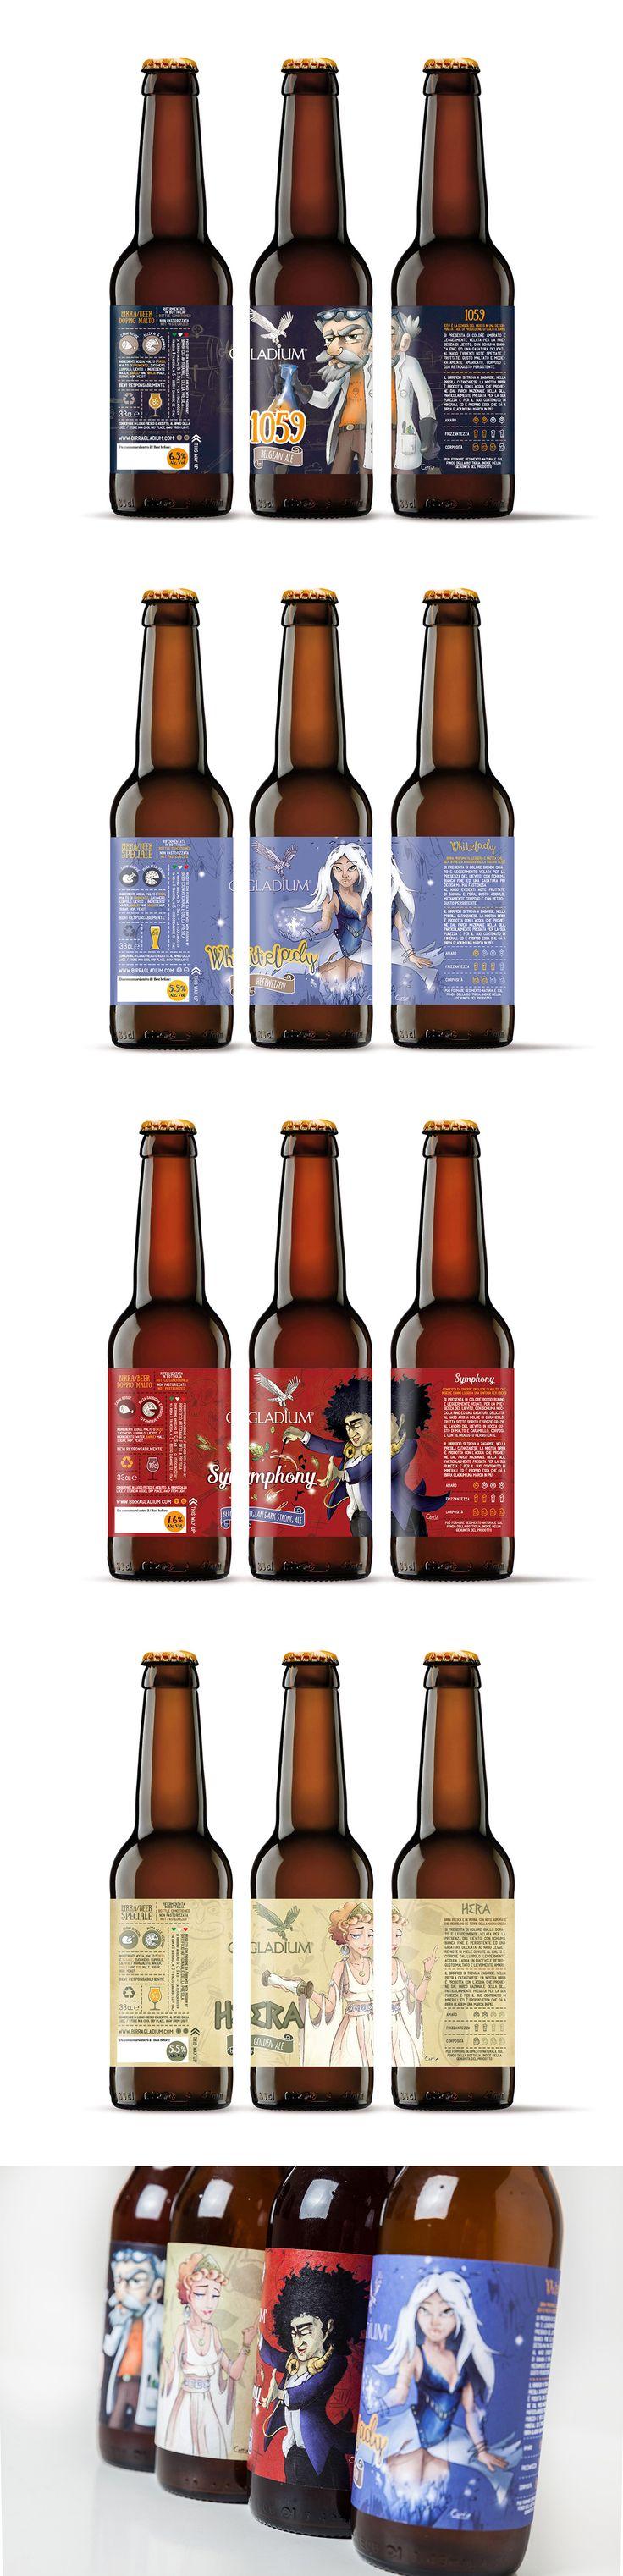 Packaging - Beer